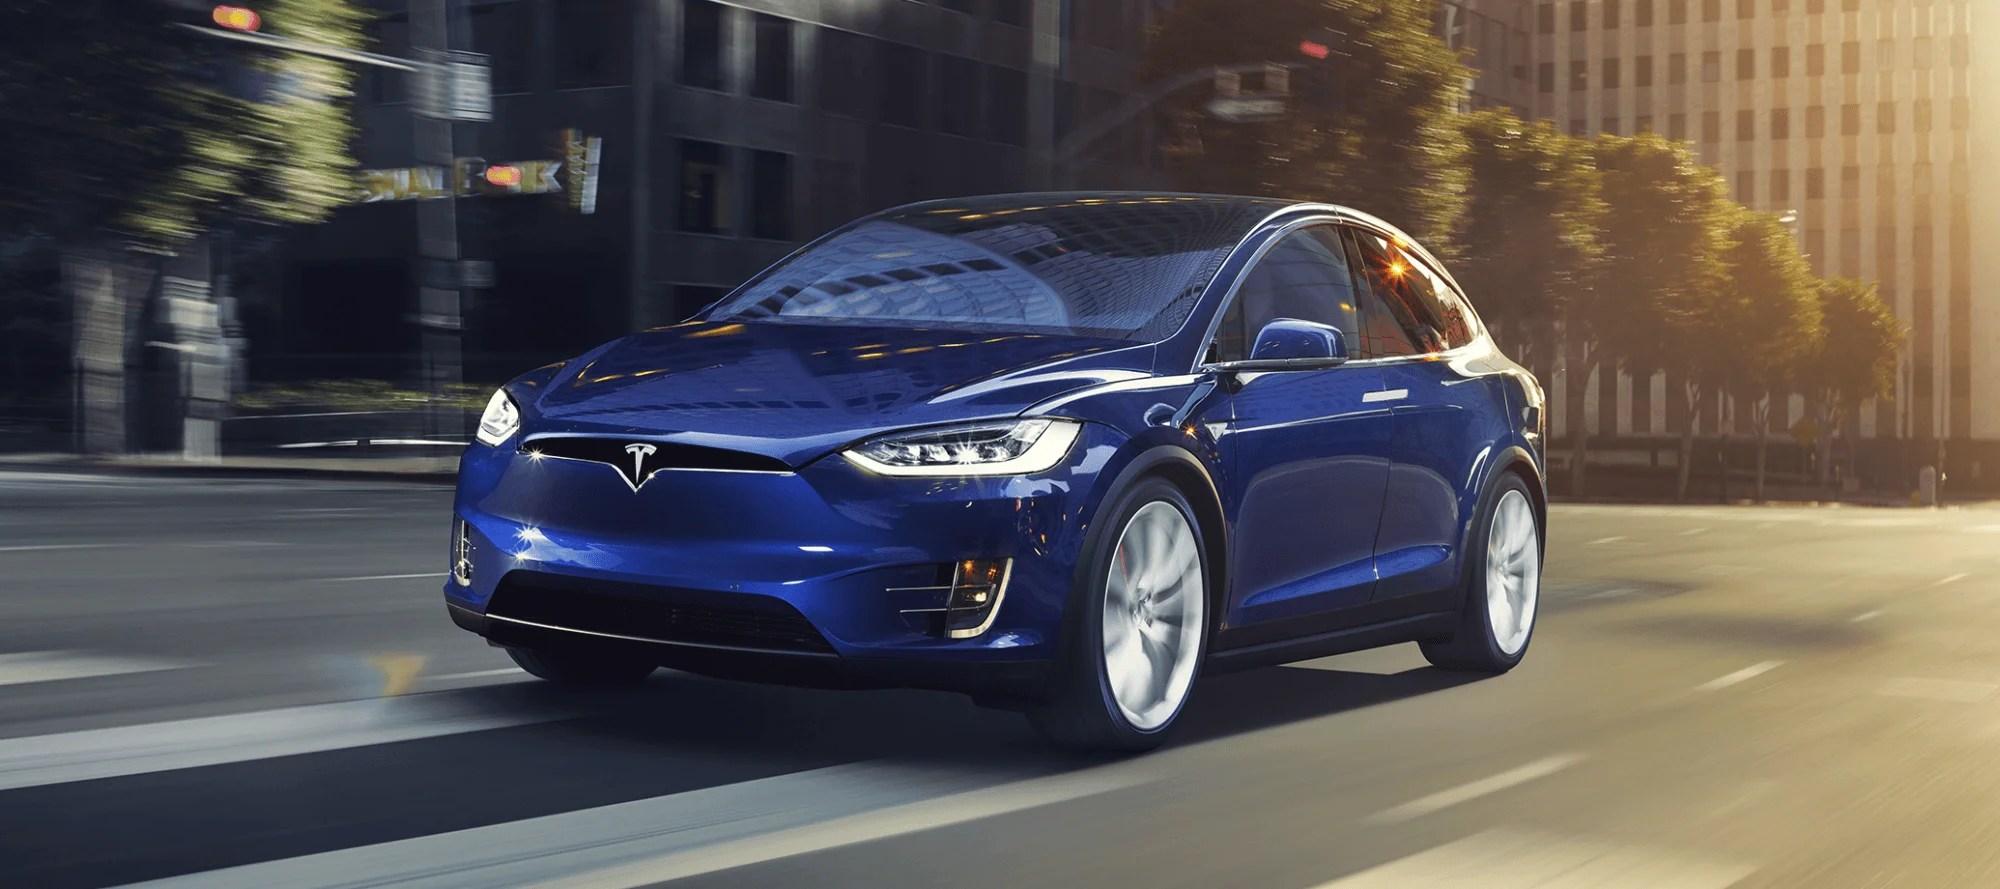 Tesla Model X mieten in blau mit elektrisierdendem Fahrverhalten